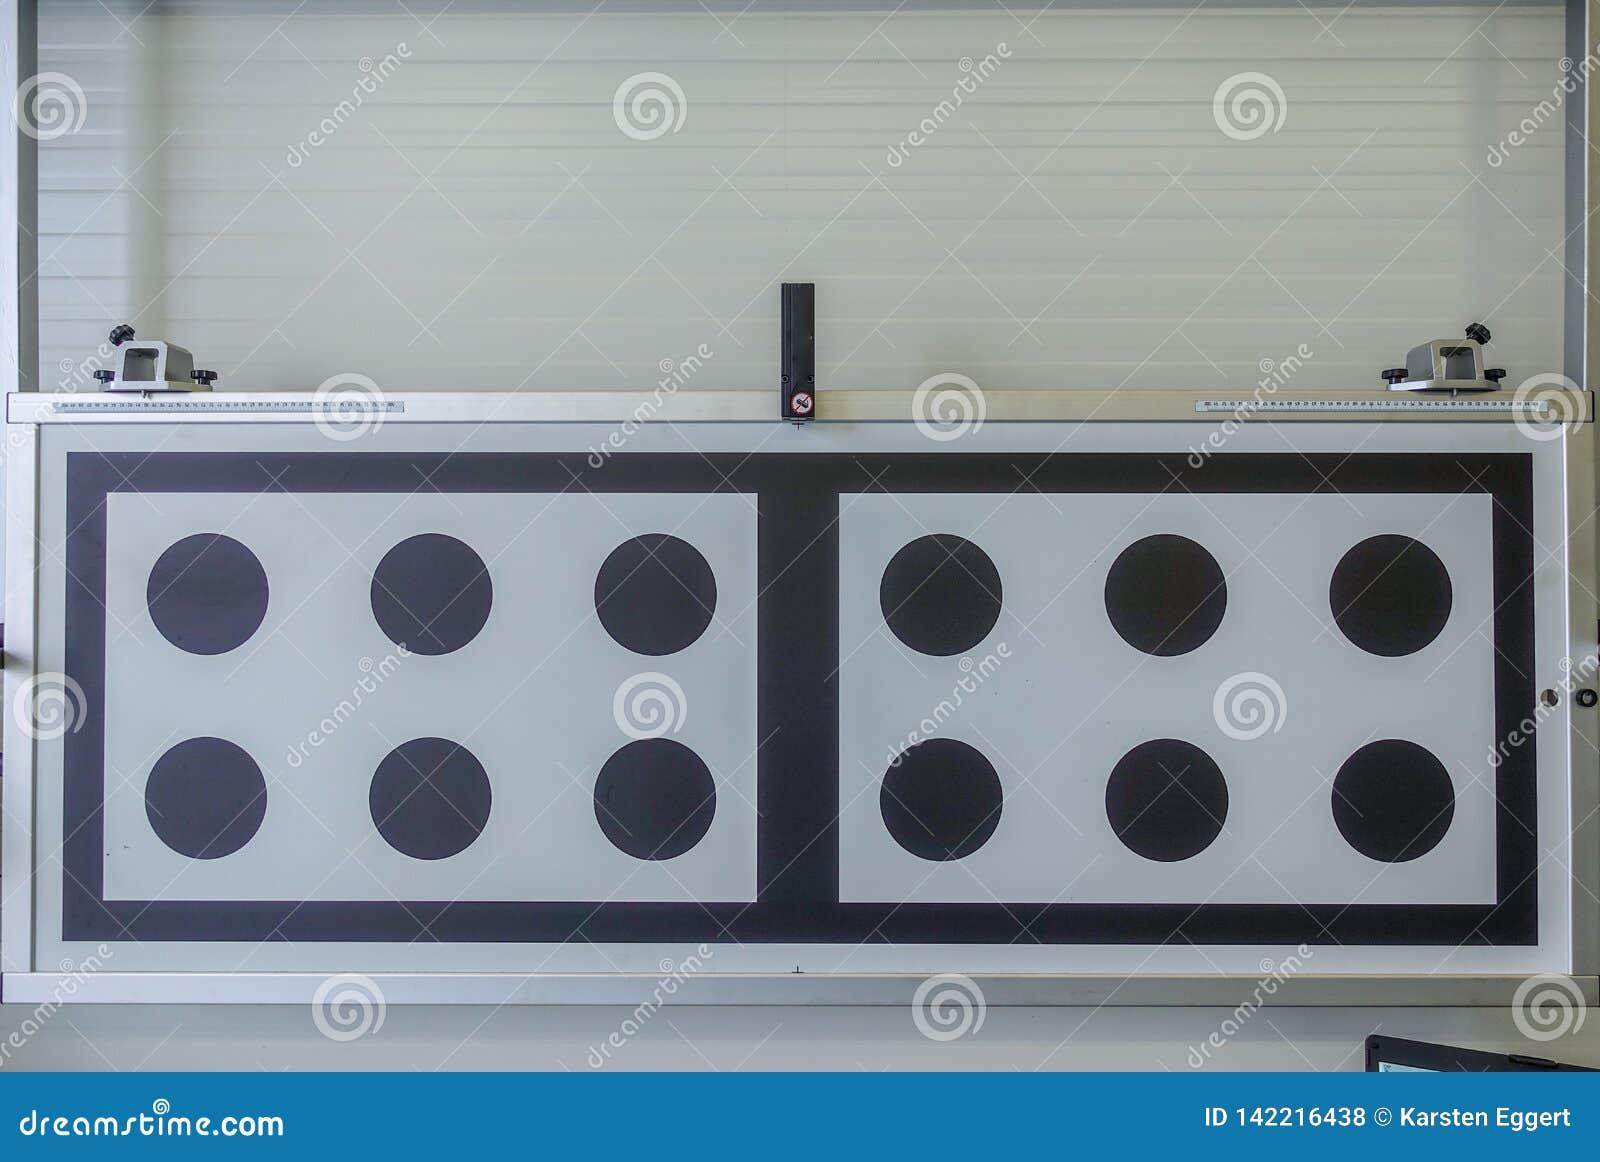 Eine helle Testplatte in einer AutoReparaturwerkstatt